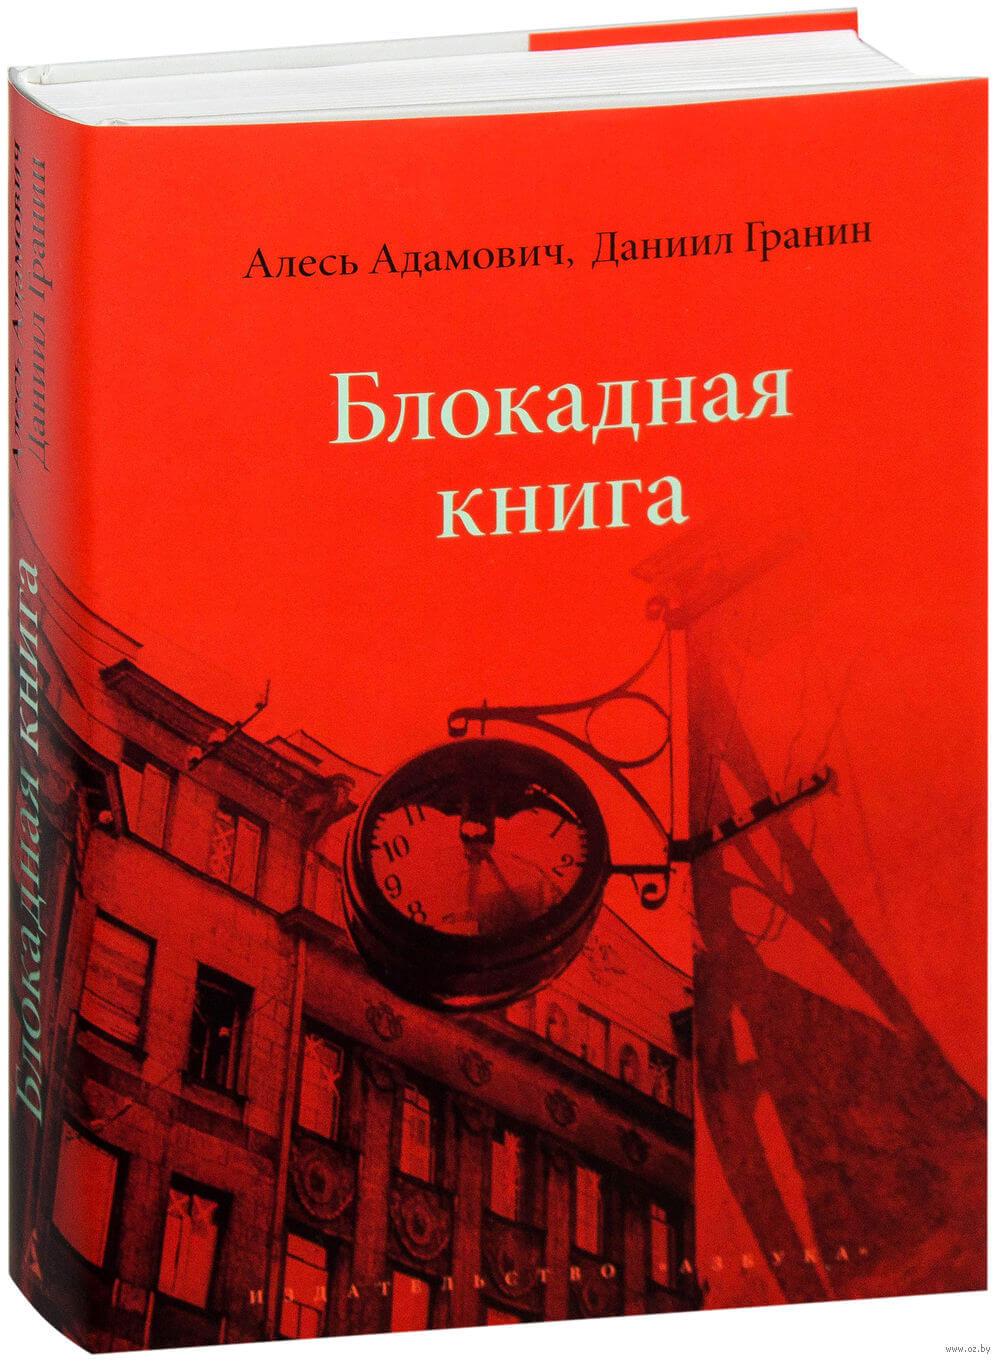 Книги о войне